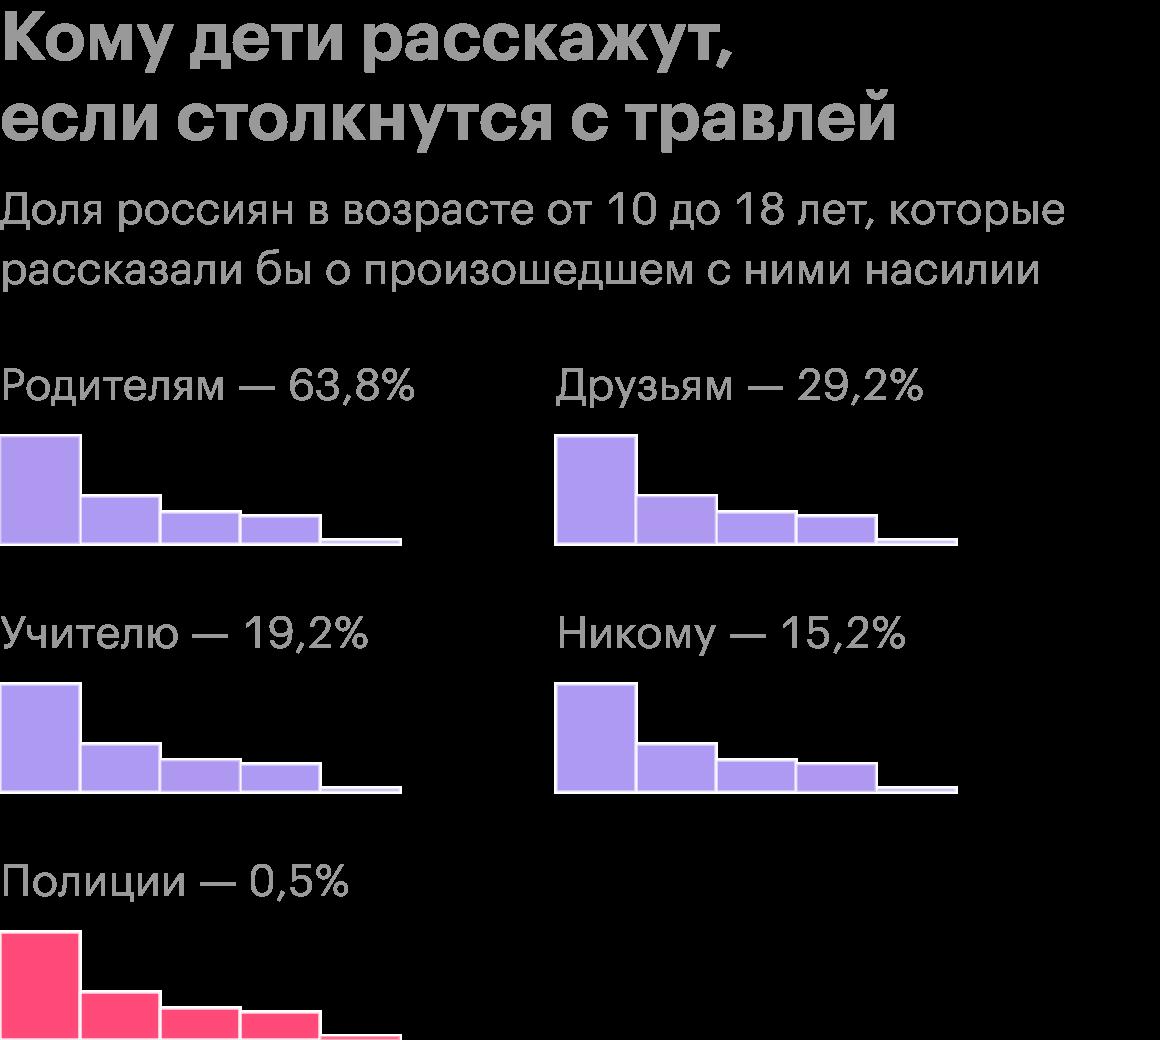 Источник: «Михайлов и партнеры. Аналитика»